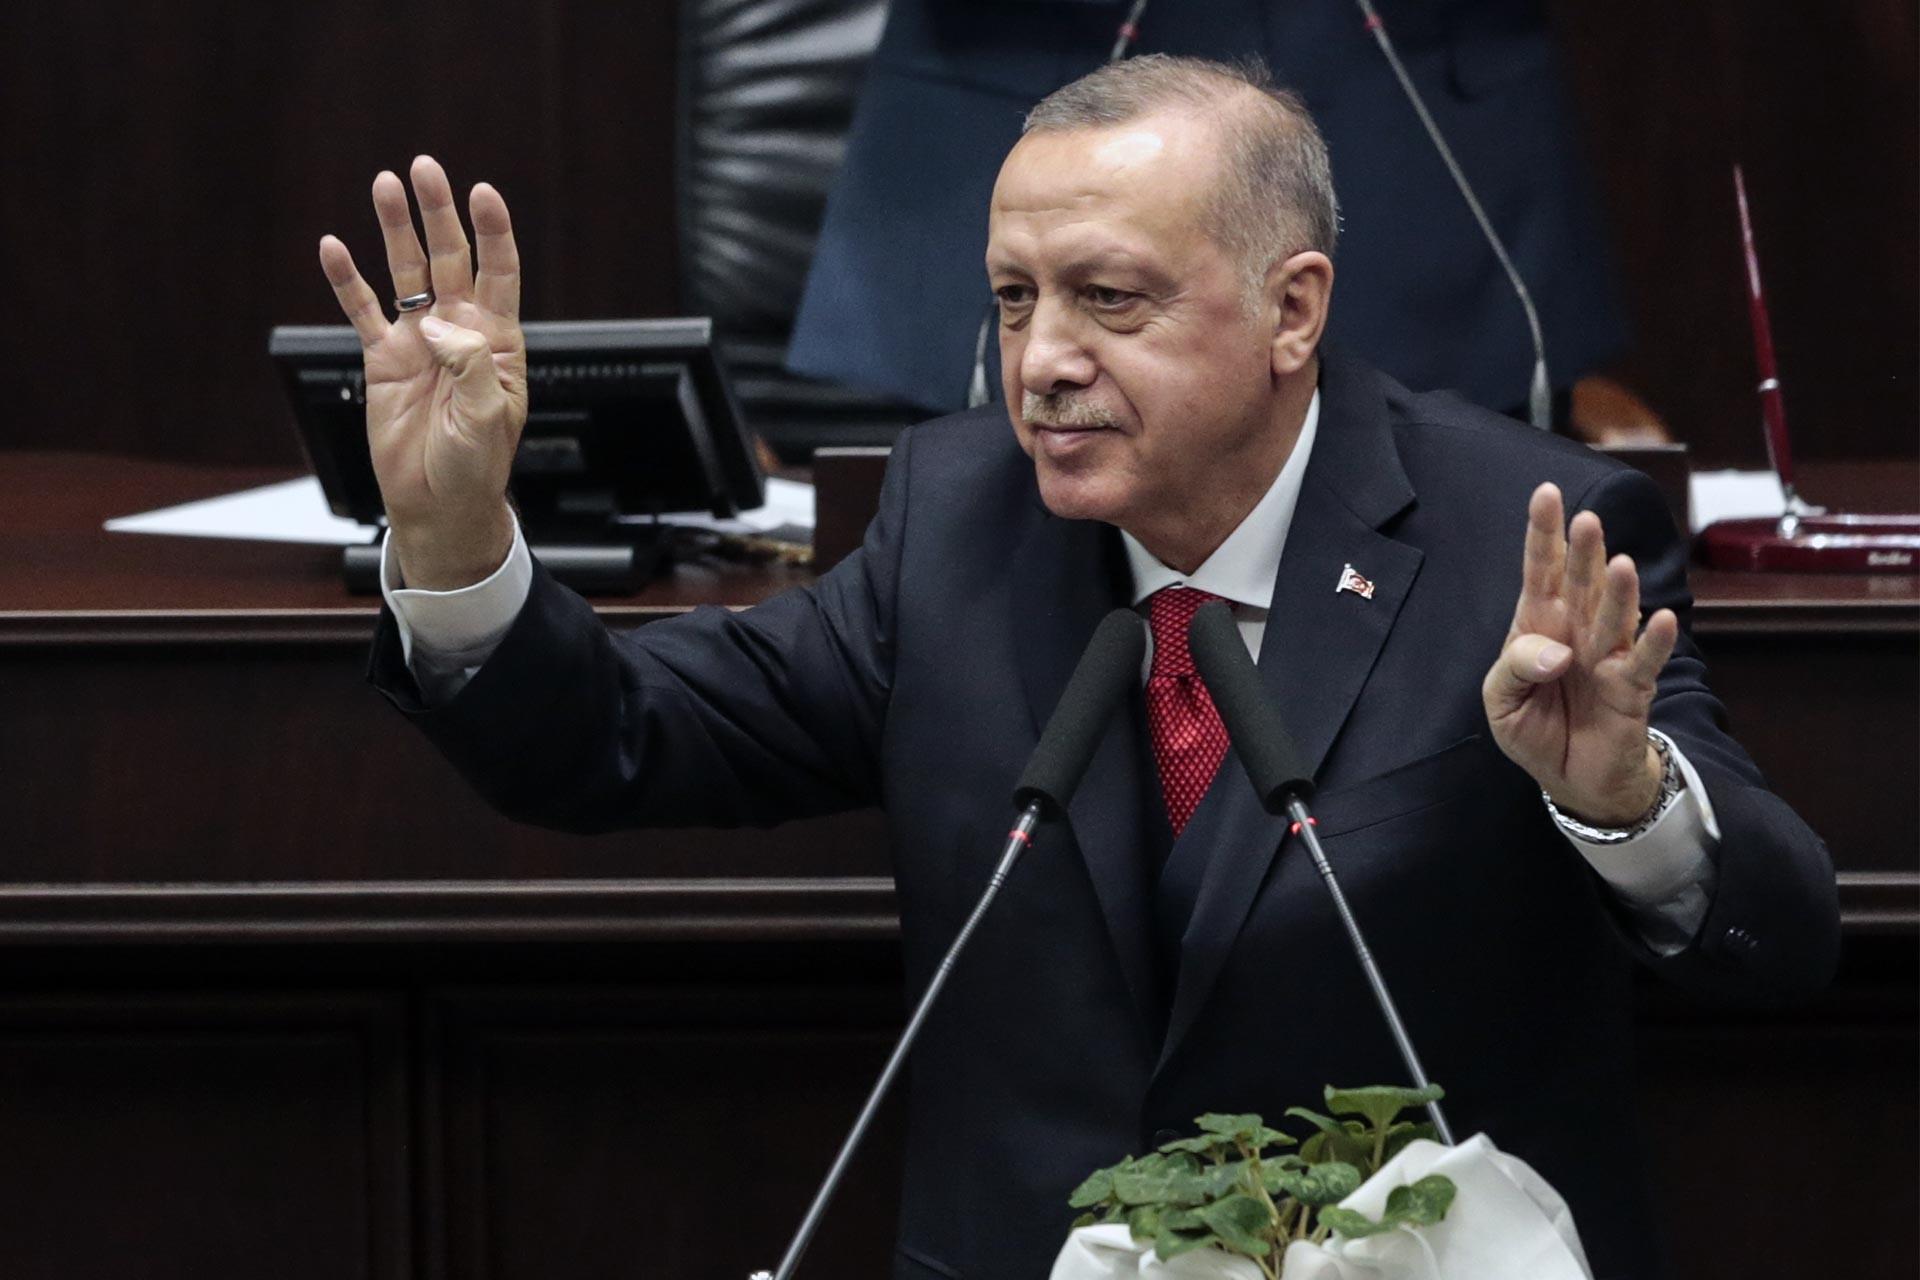 Cumhurbaşkanı Tayyip Erdoğan partisinin grup toplantısında milletvekillerini rabia işareti yaparak selamlarken